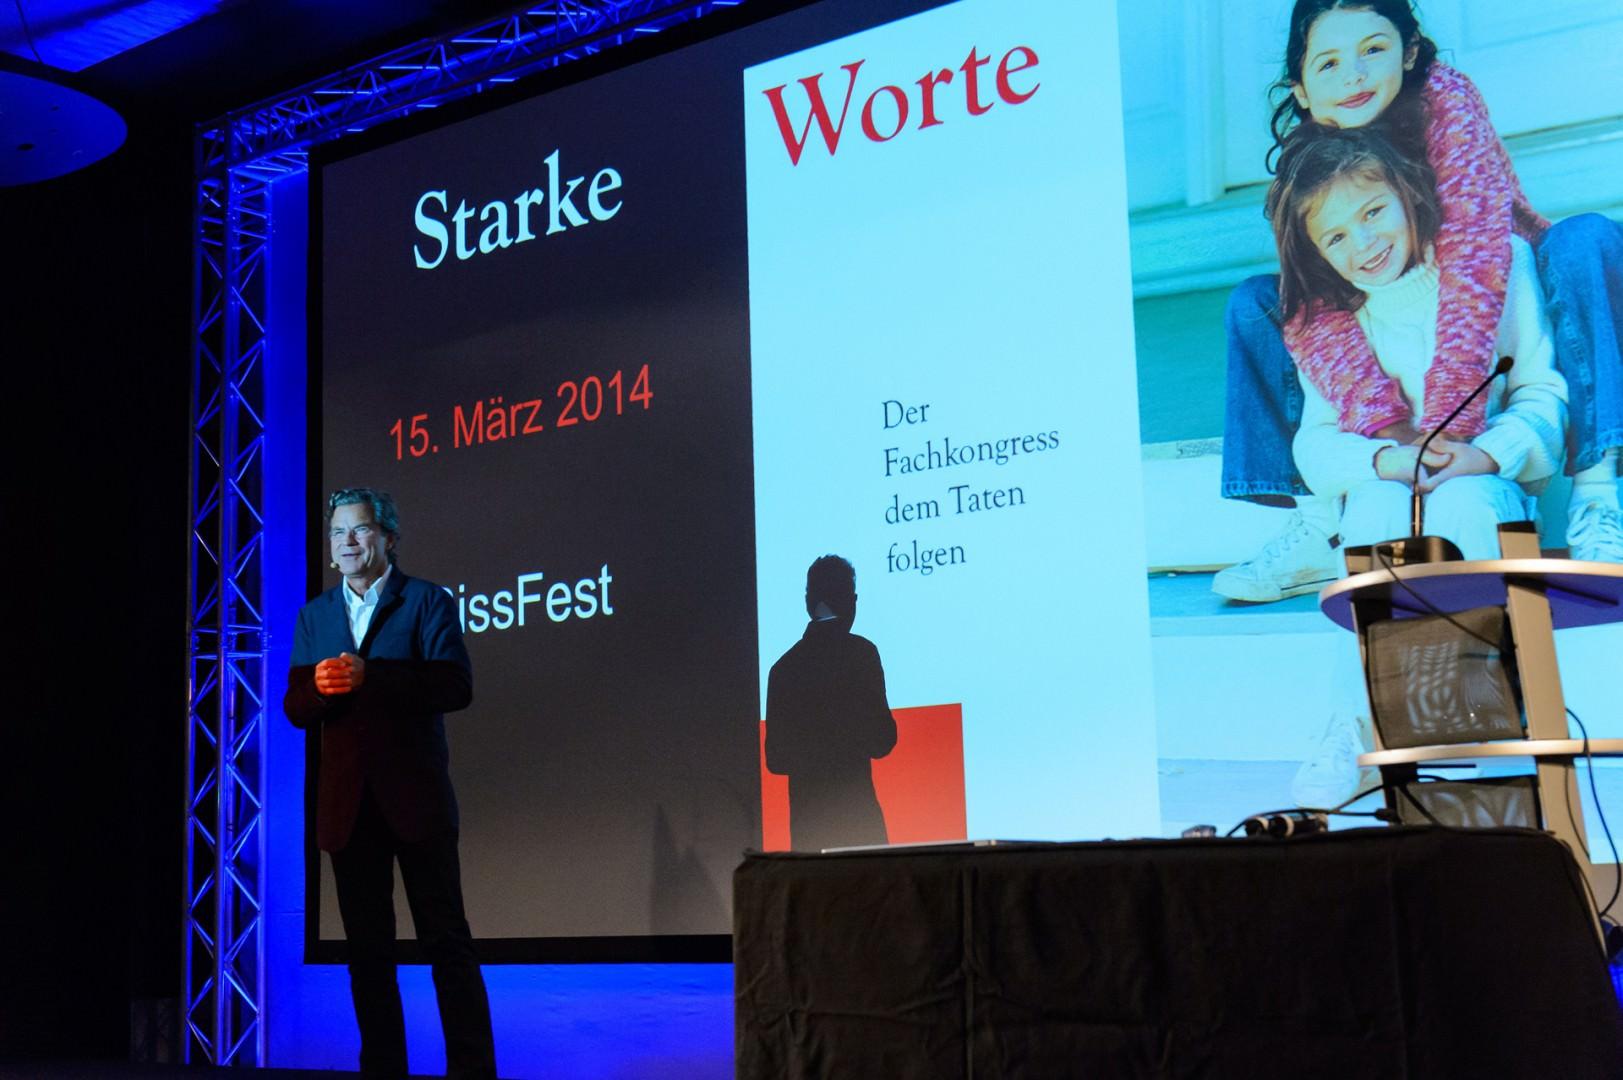 Dr. Florian Langenscheidt begrüßt zum Kongress Starke Worte am 15. März 2014